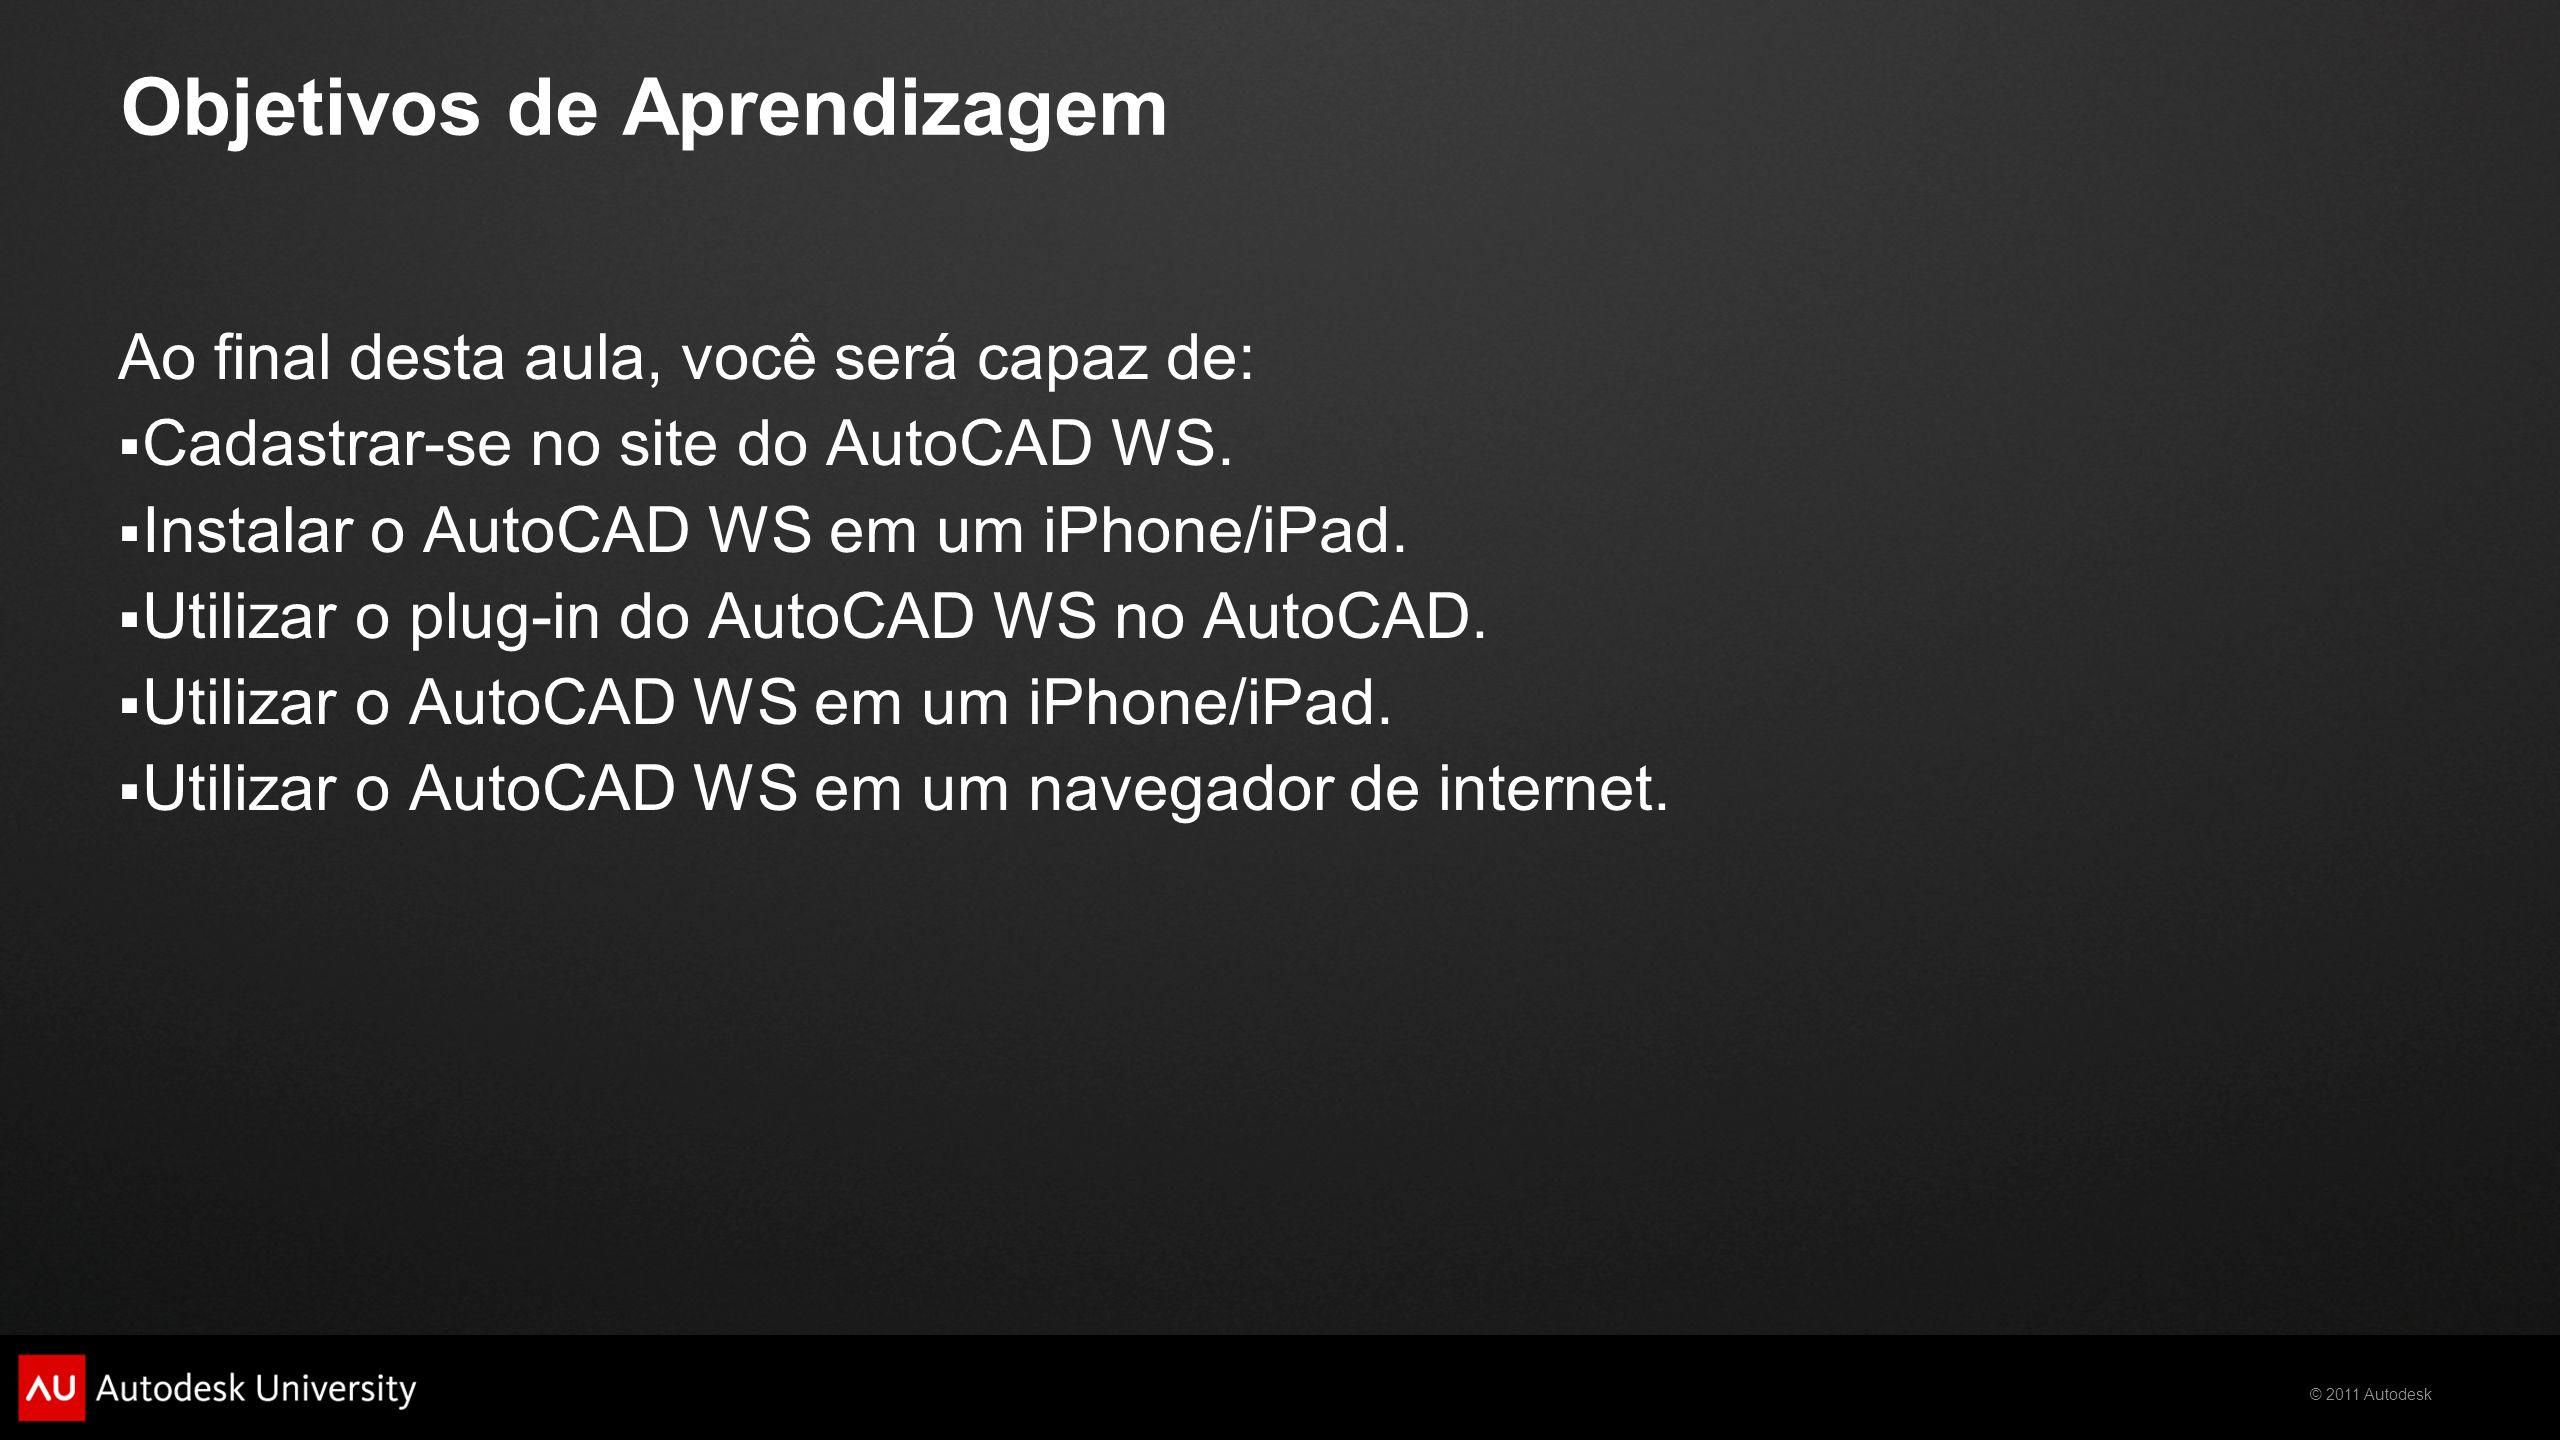 © 2011 Autodesk Utilizando o AutoCAD WS em um iPhone/iPad Entrando no AutoCAD WS Abrindo um Desenho Dicas de Navegação Editando um Desenho A Barra de Comandos Ribbon Ferramentas de Desenho Ferramentas de Revisão